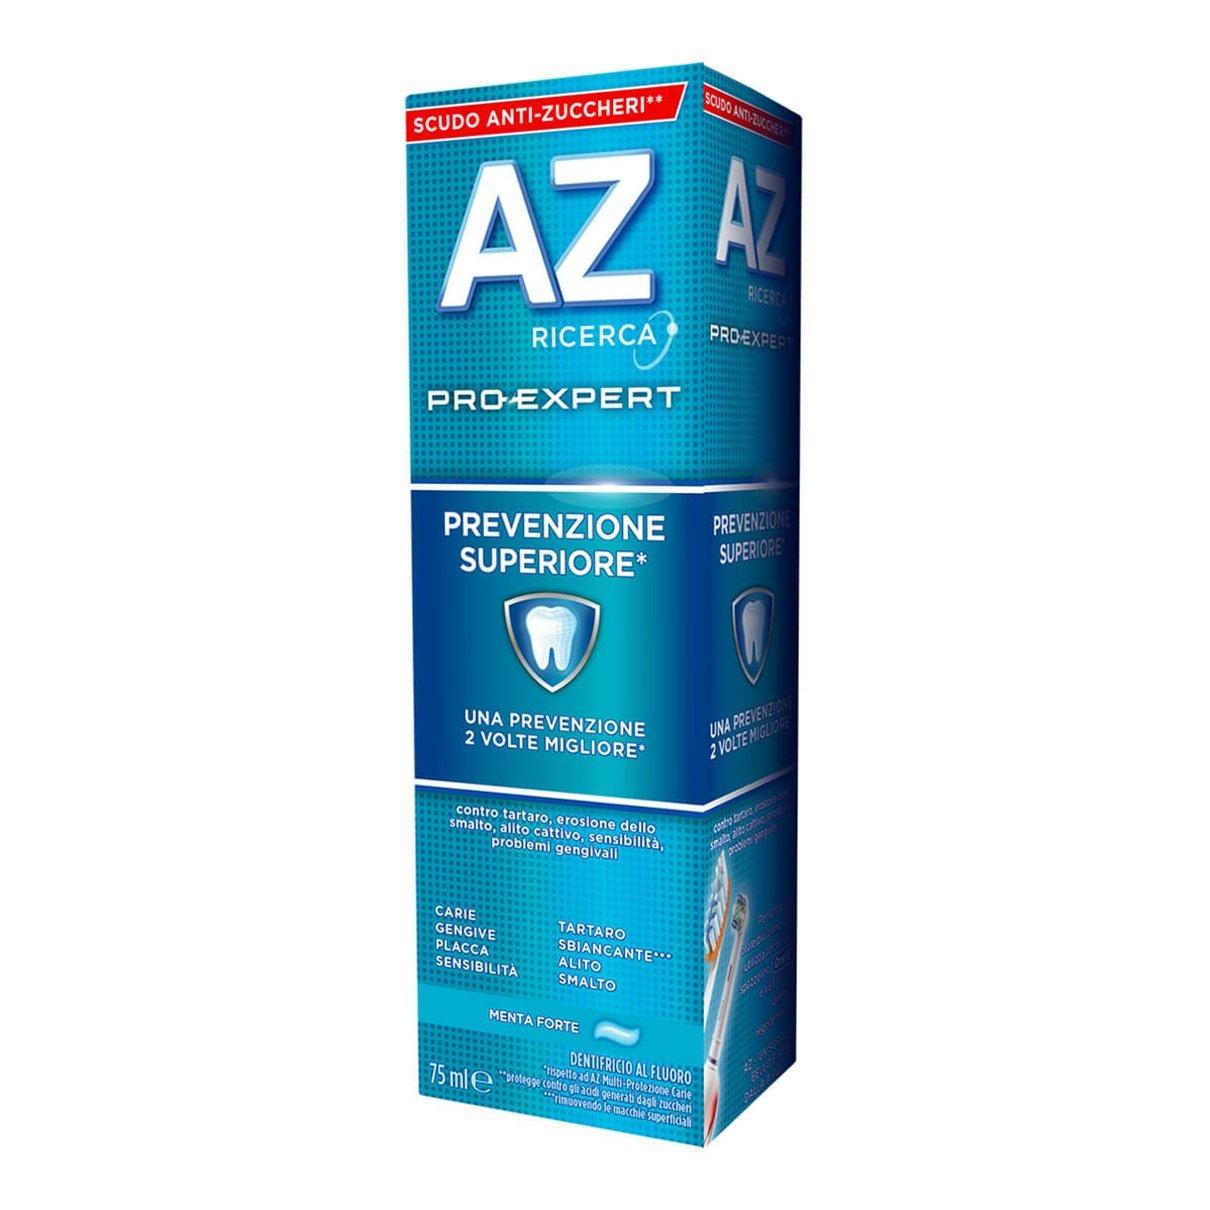 Dentifricio AZ Pro-Expert Prevenzione Superiore 75ml